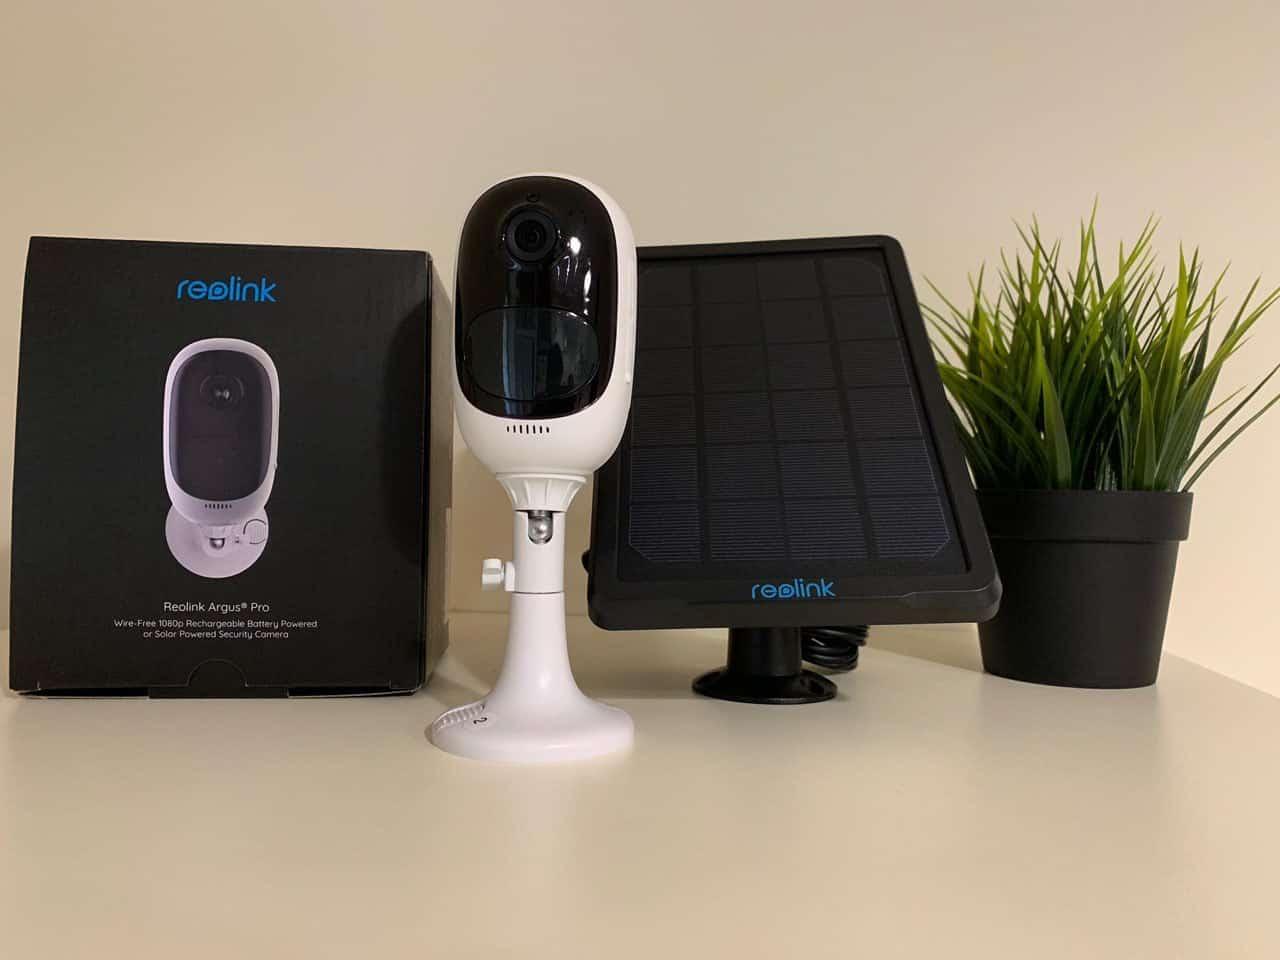 recensione reolink argus pro videocamera di sorveglianza dalla grande durata techboom. Black Bedroom Furniture Sets. Home Design Ideas